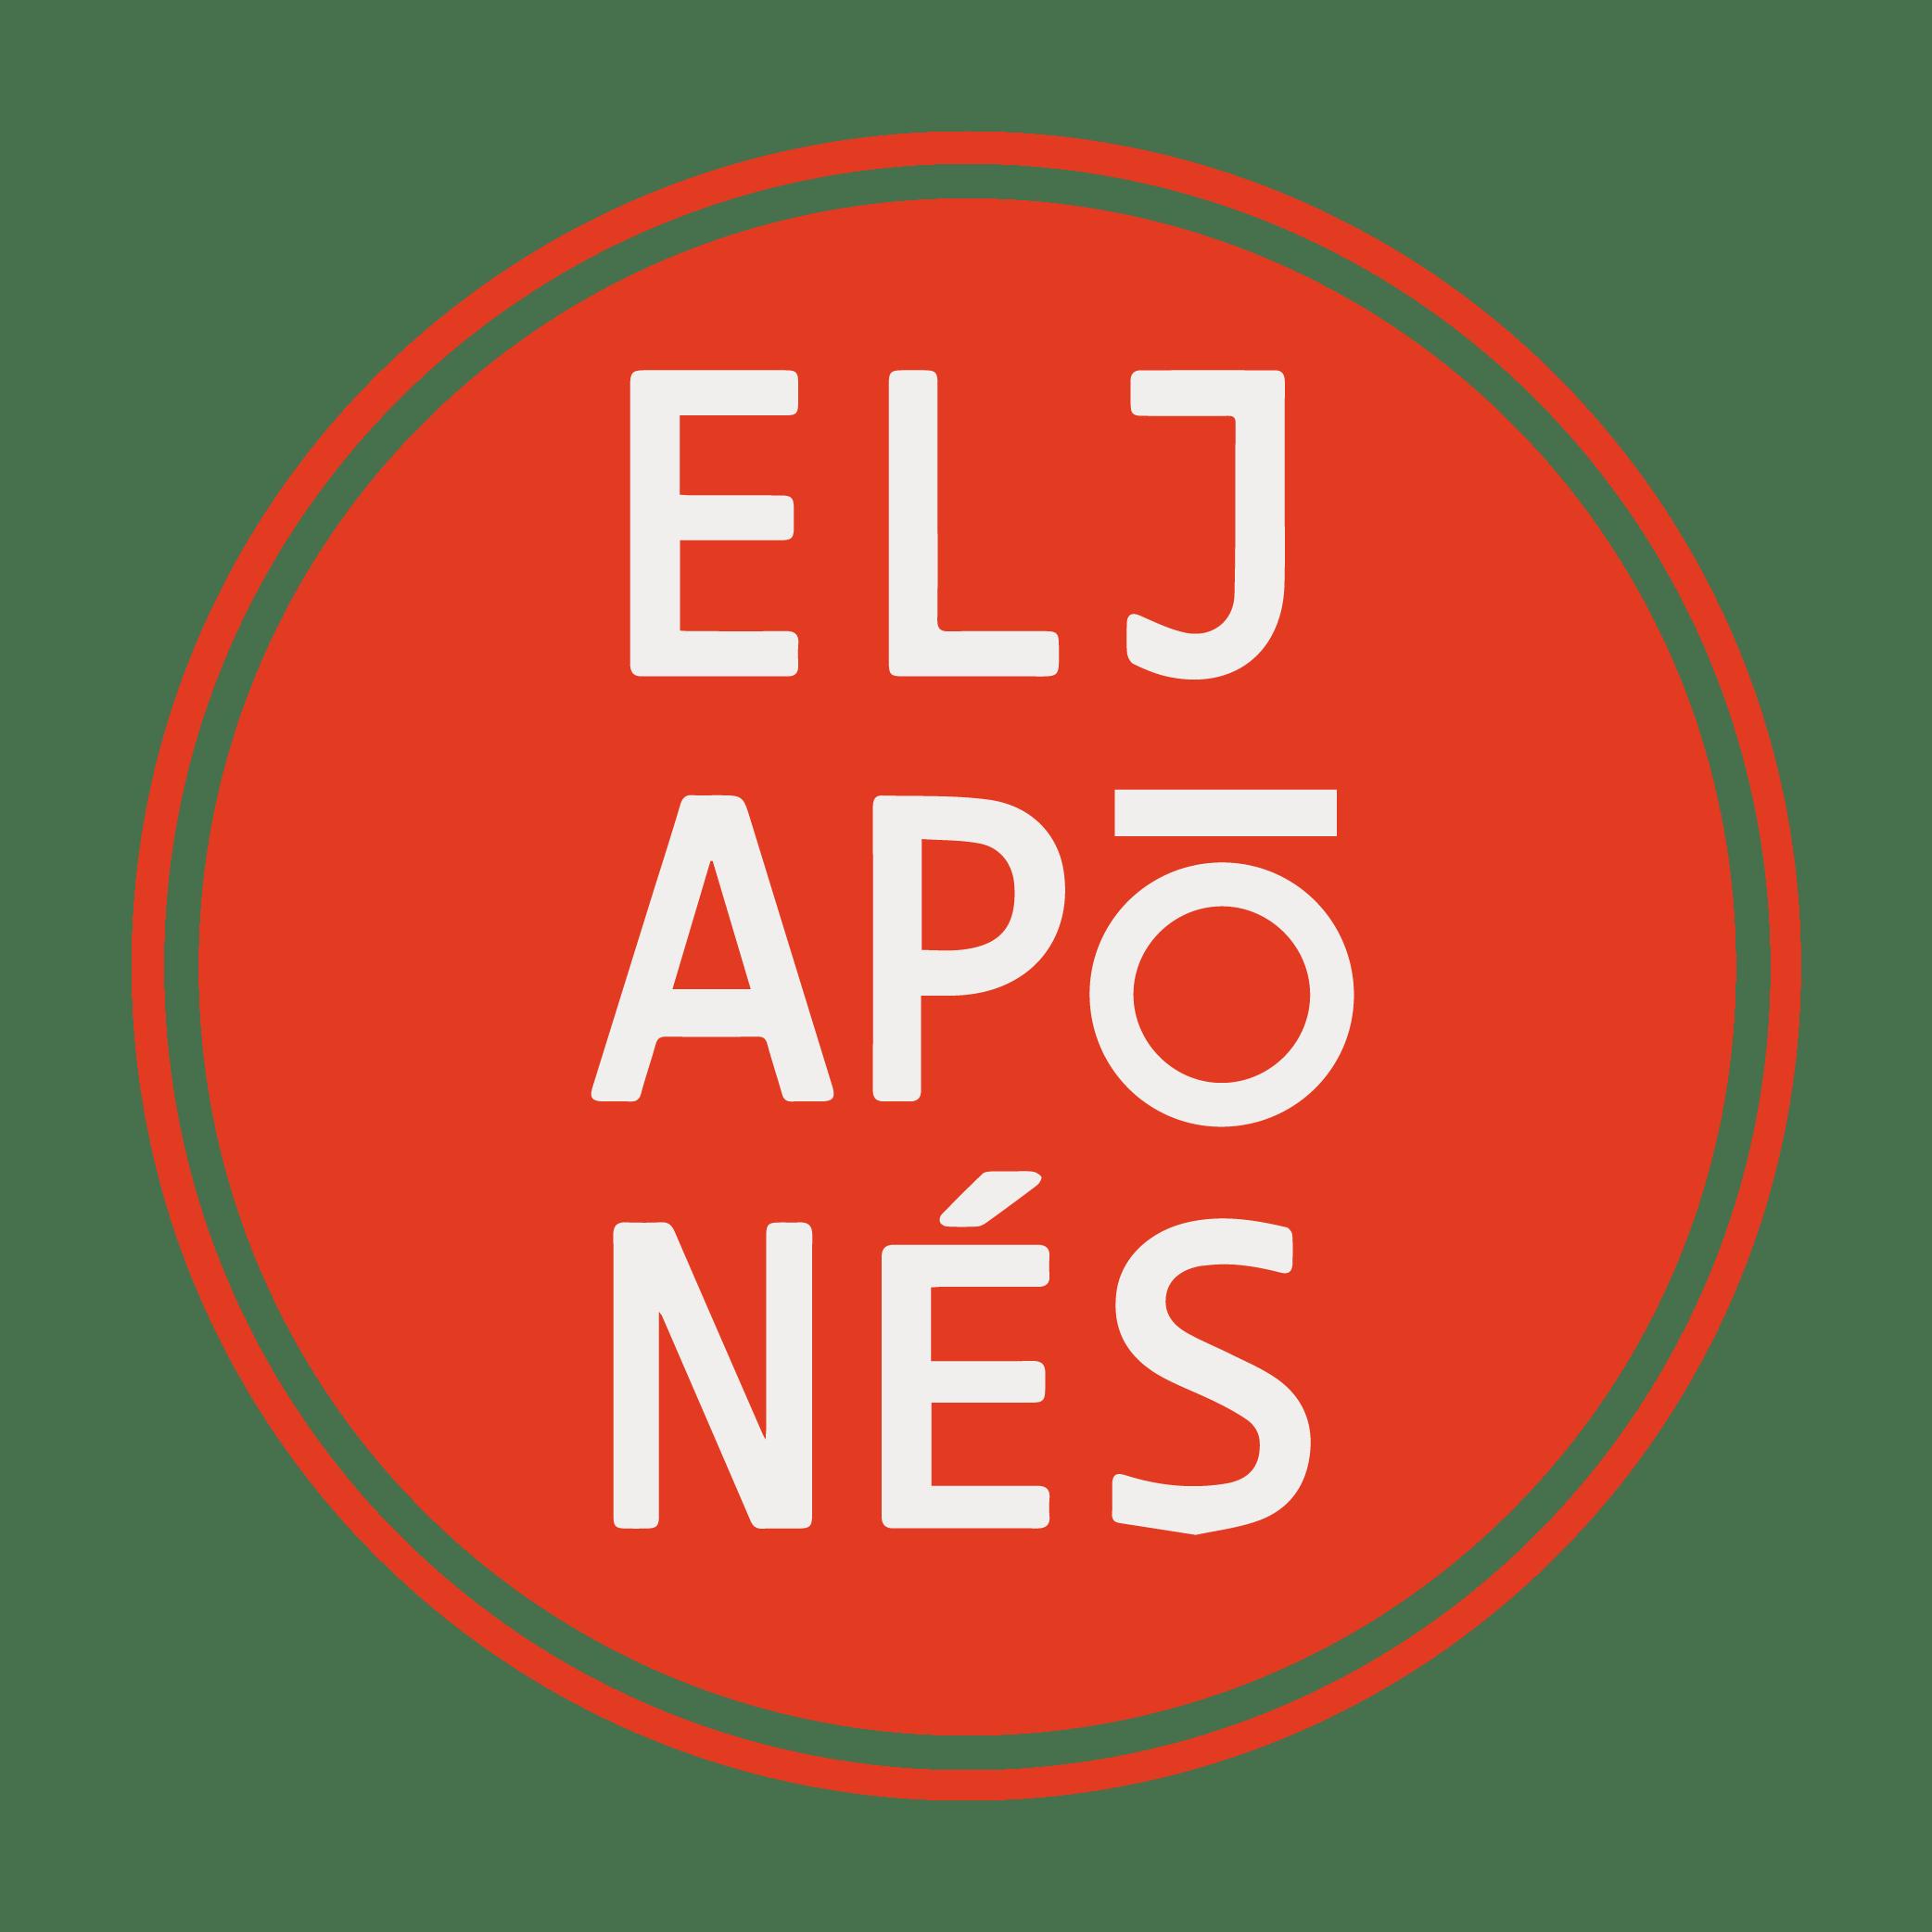 Logo_Elj Apo Nés